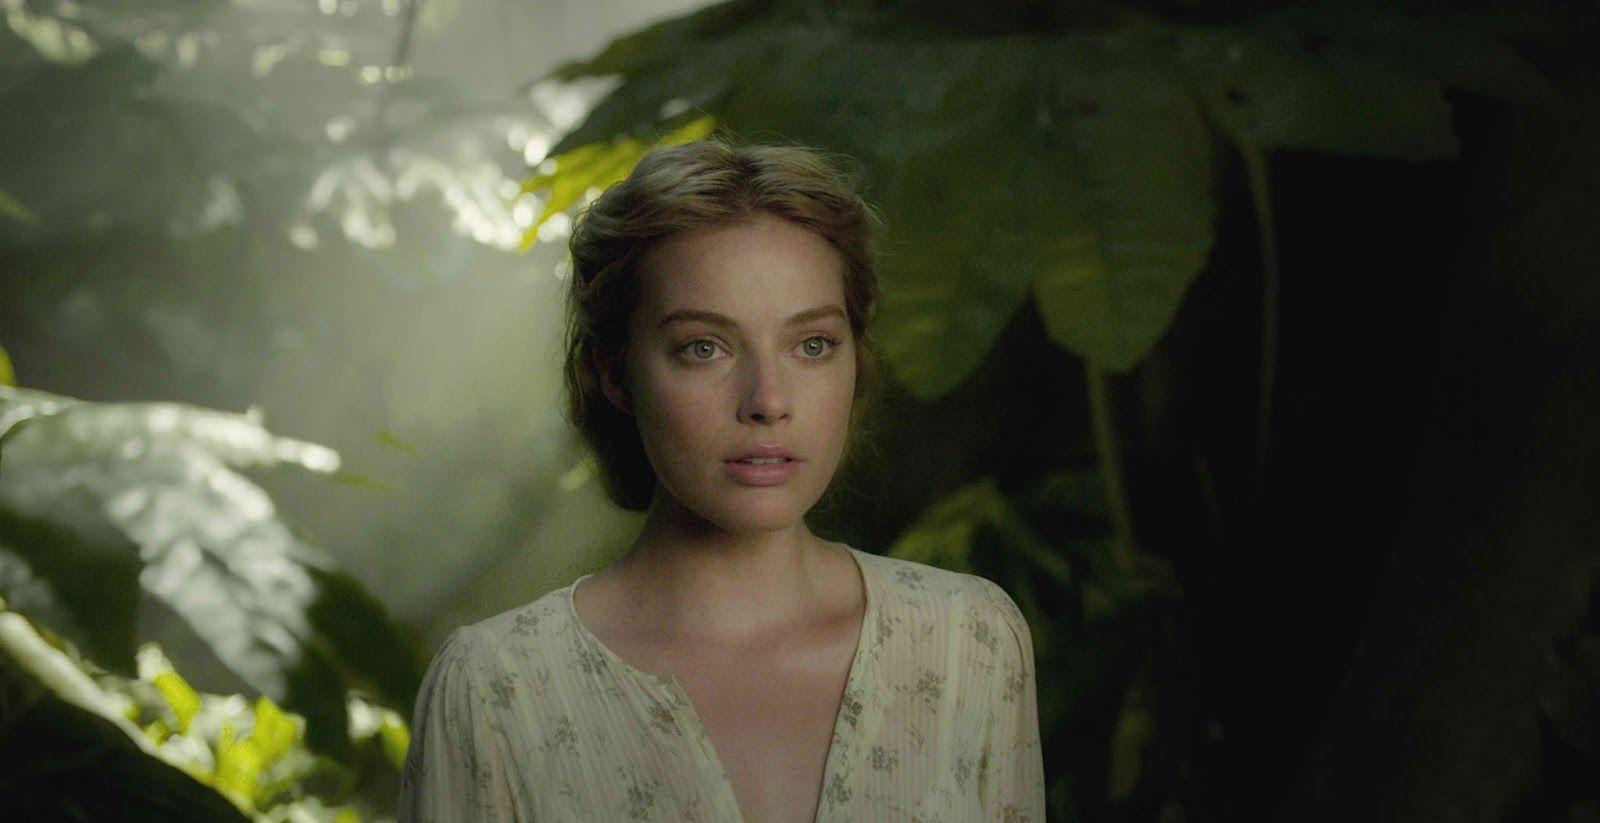 Tarzan Jane Porter Noticias De Cine Fotos De Margot Robbie Tarzan Y Jane